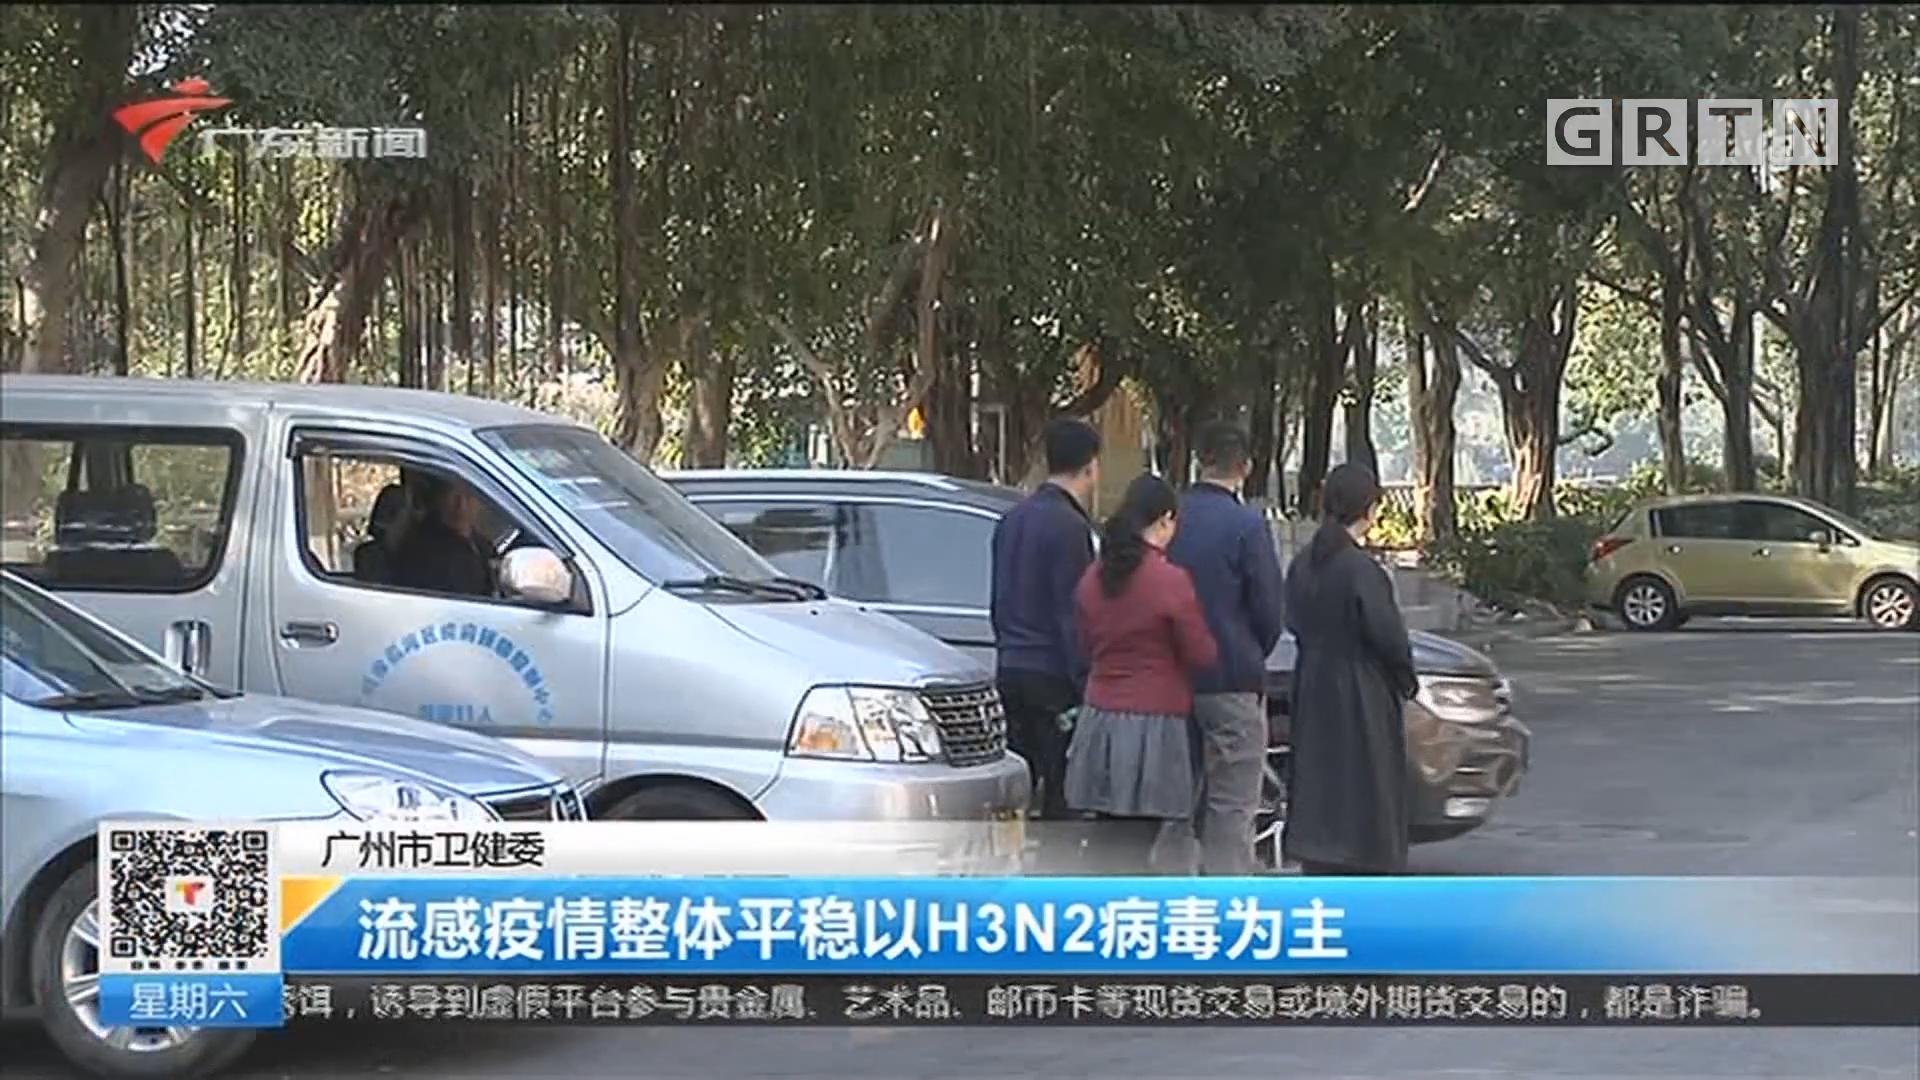 广州市卫健委 流感疫情整体平稳以H3N2病毒为主